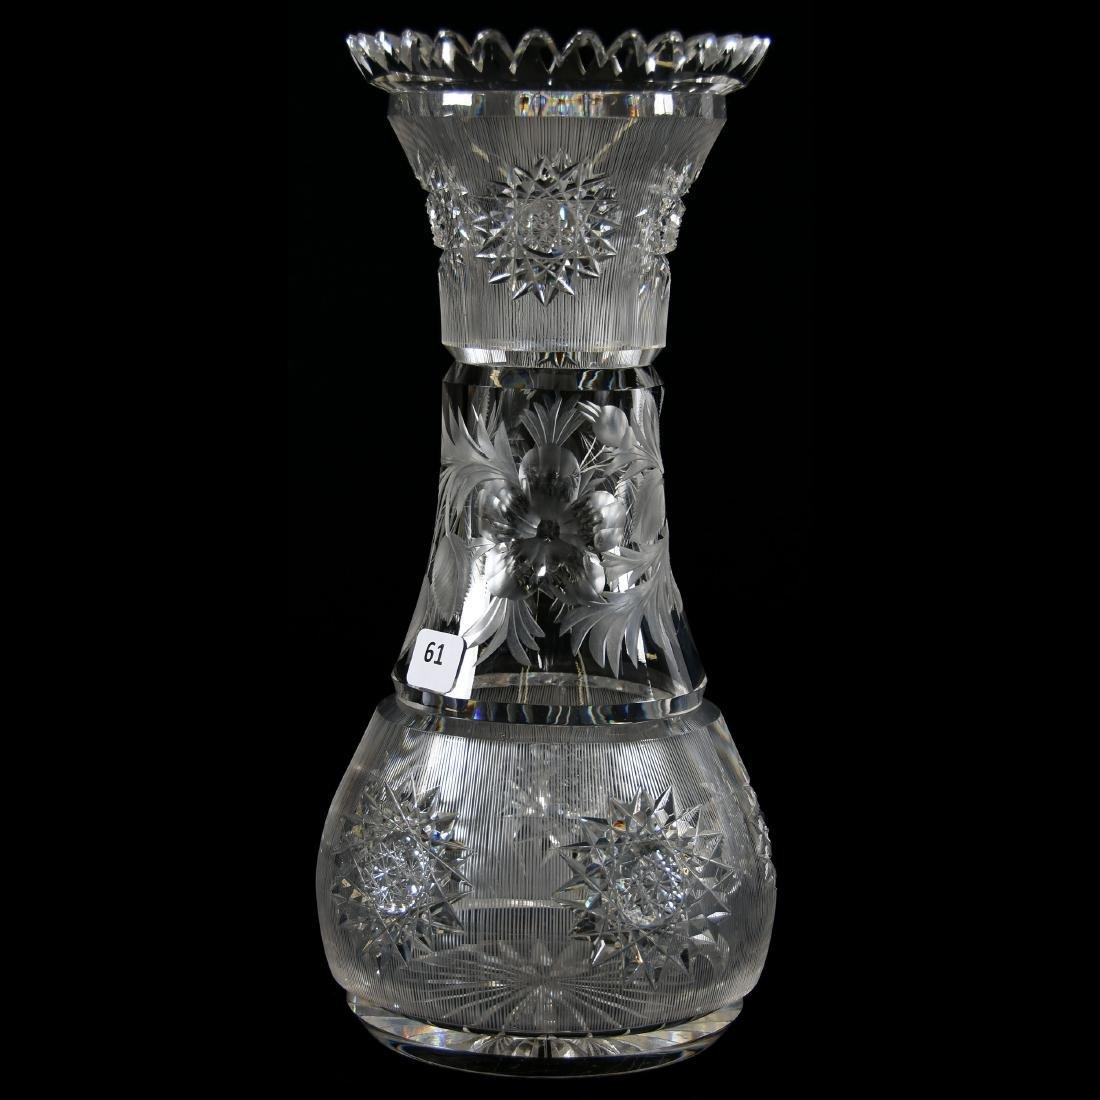 Vase, Engraved Floral Center Band